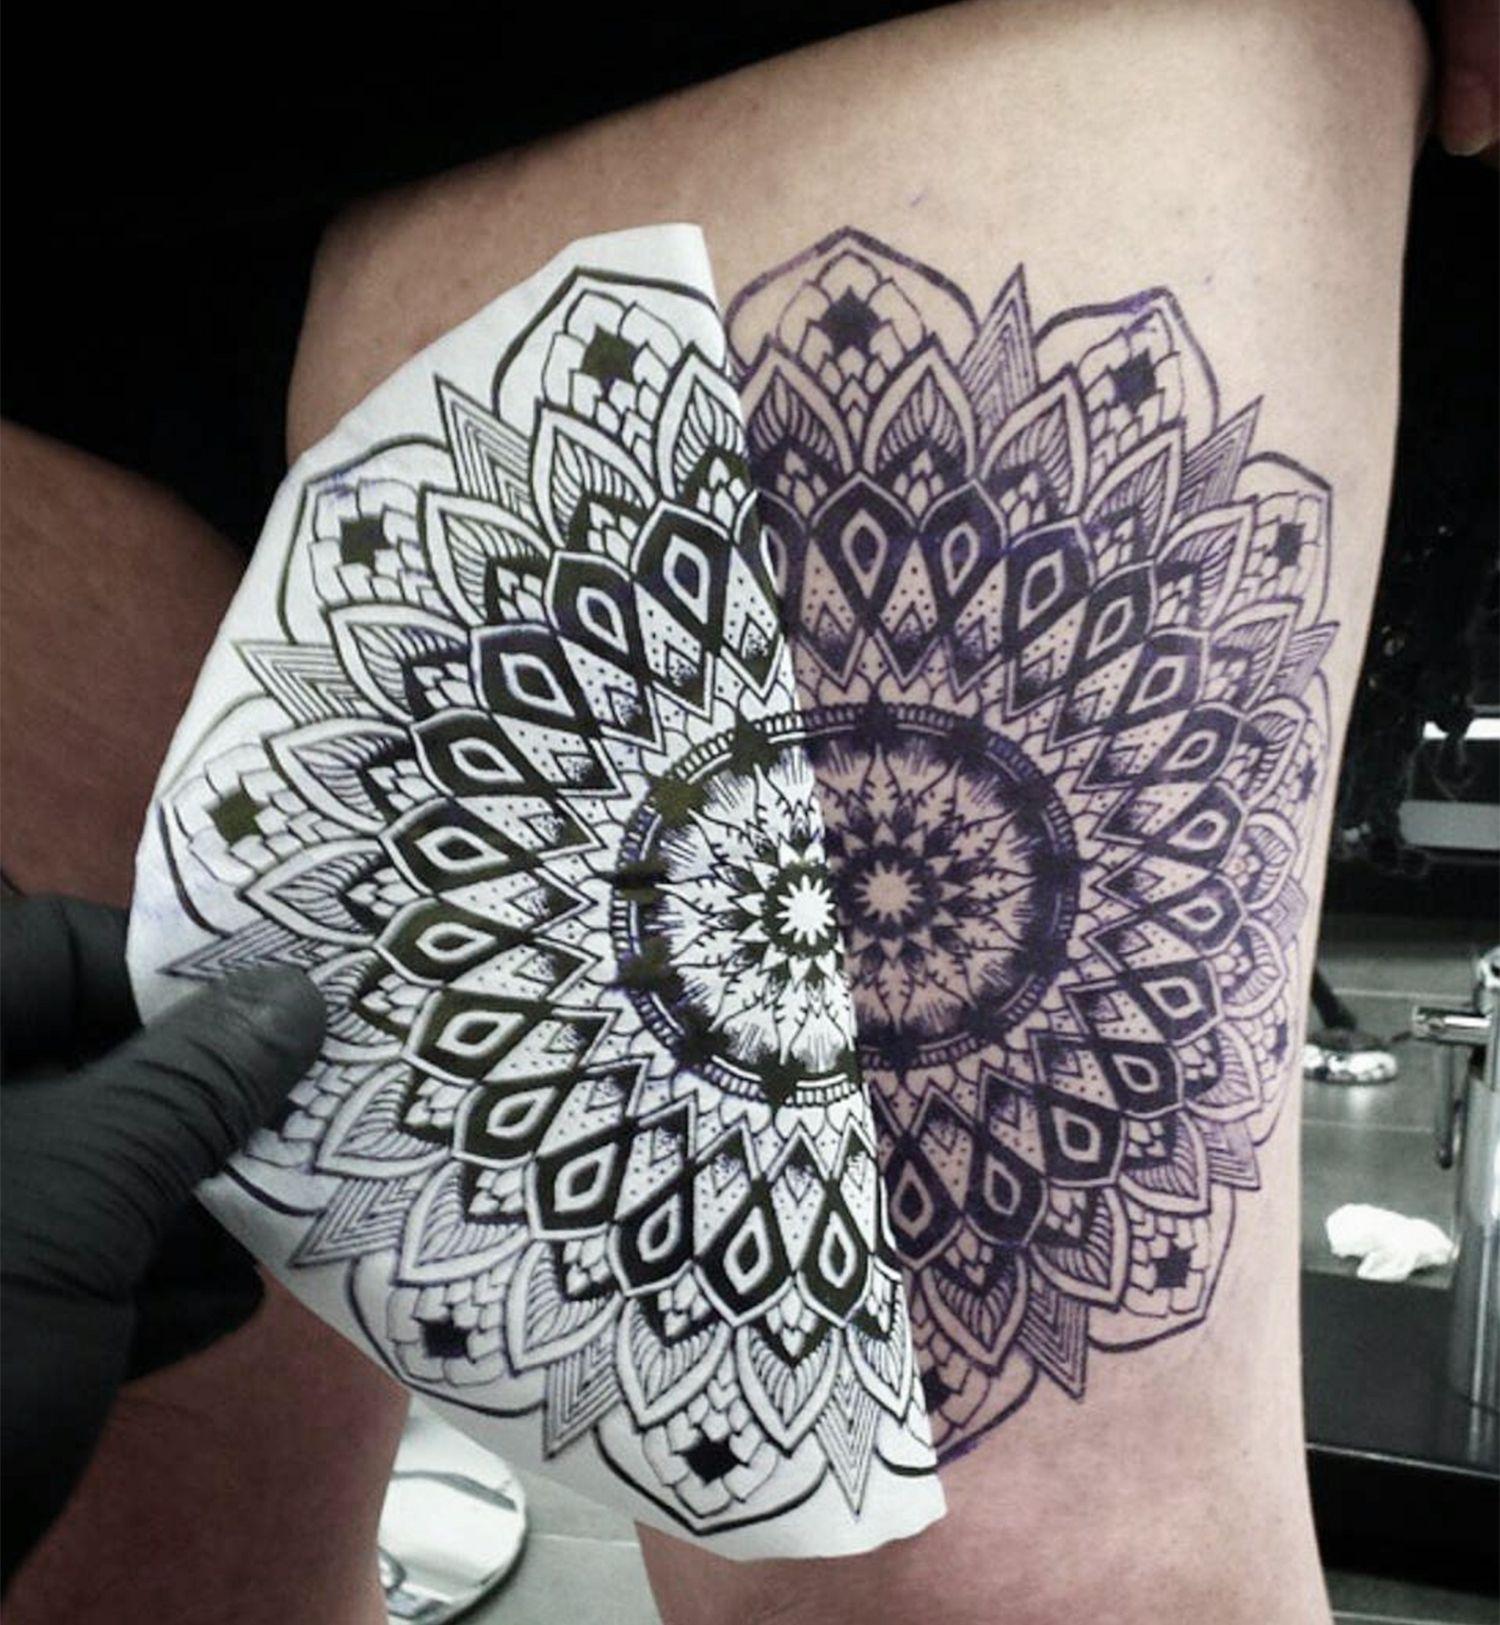 stencil tattoo of mandala on leg